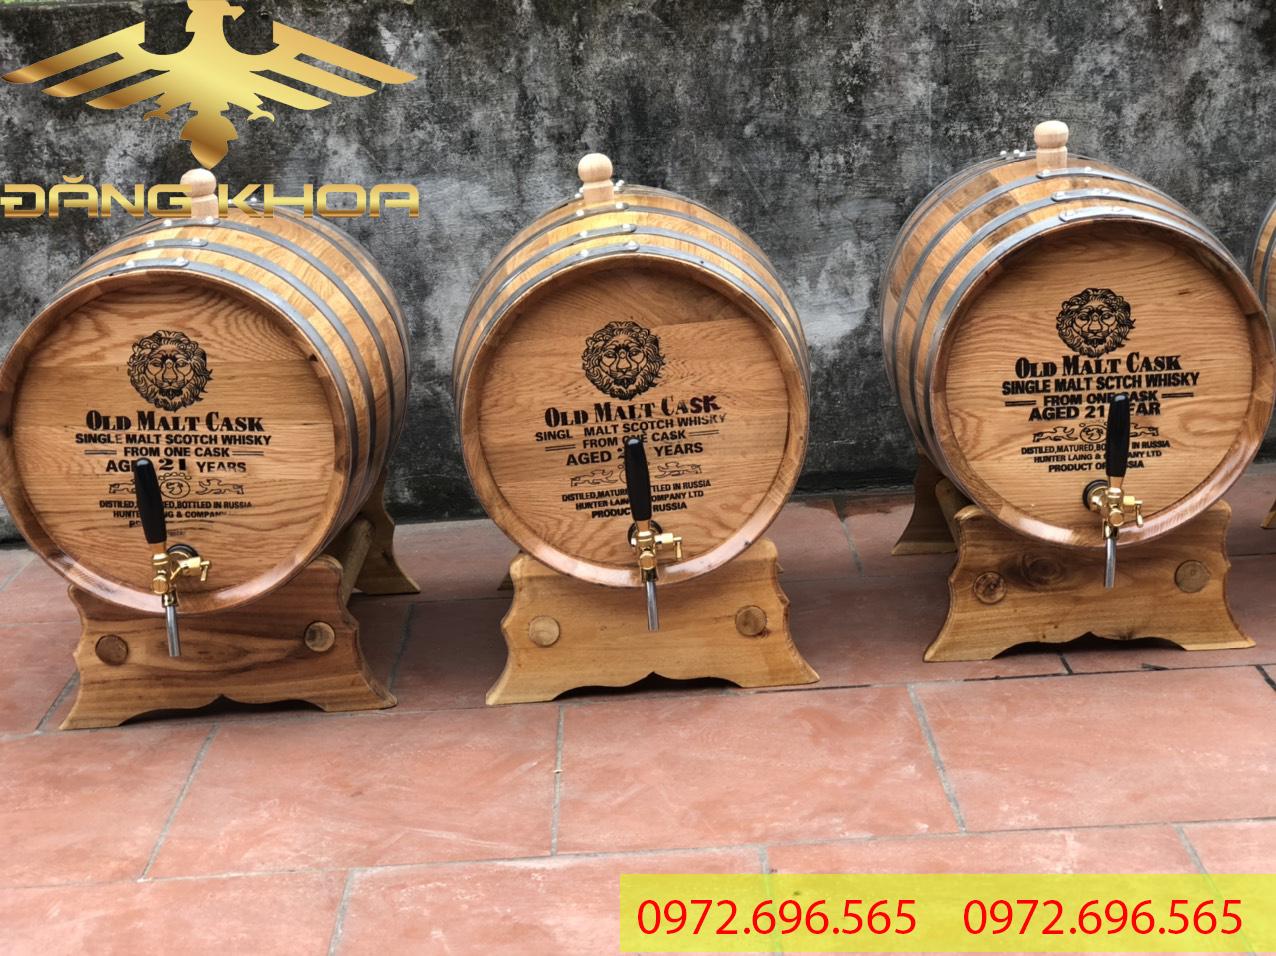 Chất liệu gỗ sồi sản xuất đạt chuẩn